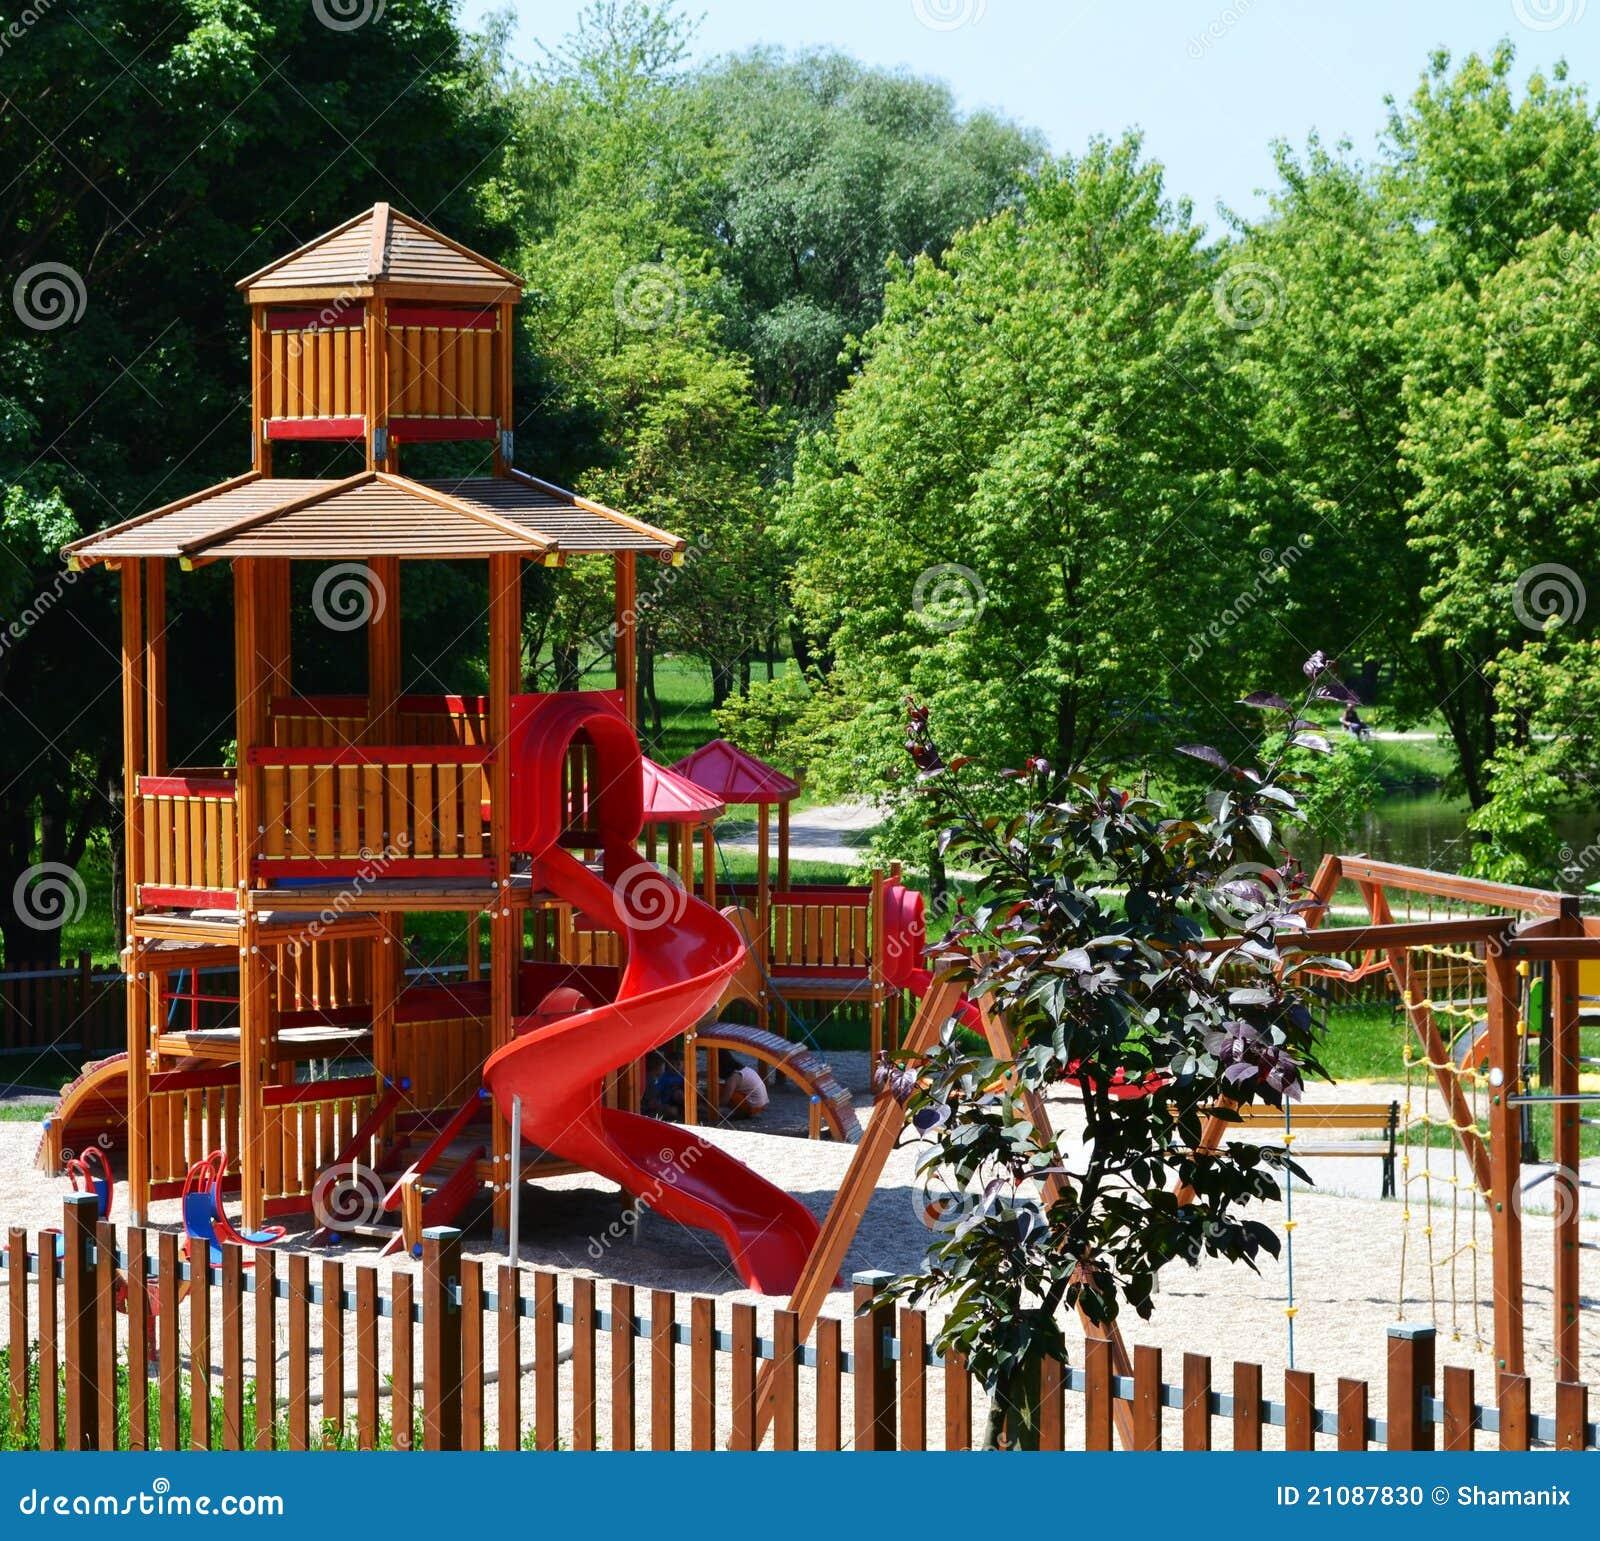 33bab7bff0a σύγχρονη παιδική χαρά πάρκων Στοκ Εικόνες - εικόνα από χρώματα ...